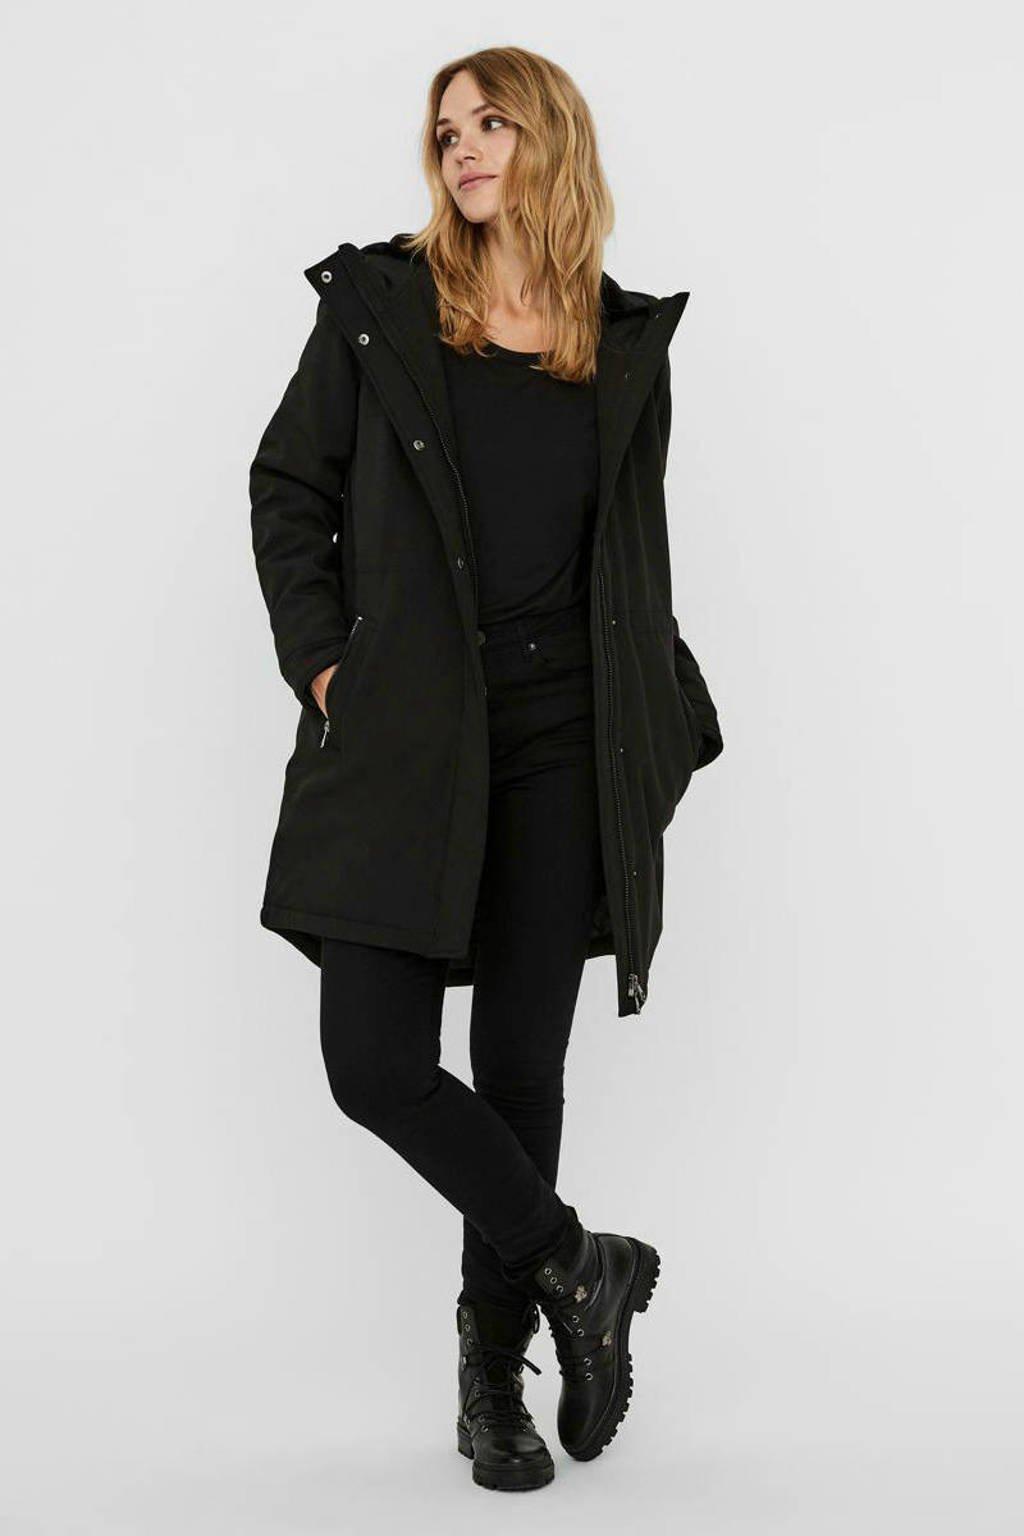 VERO MODA gewatteerde jas zwart, Zwart